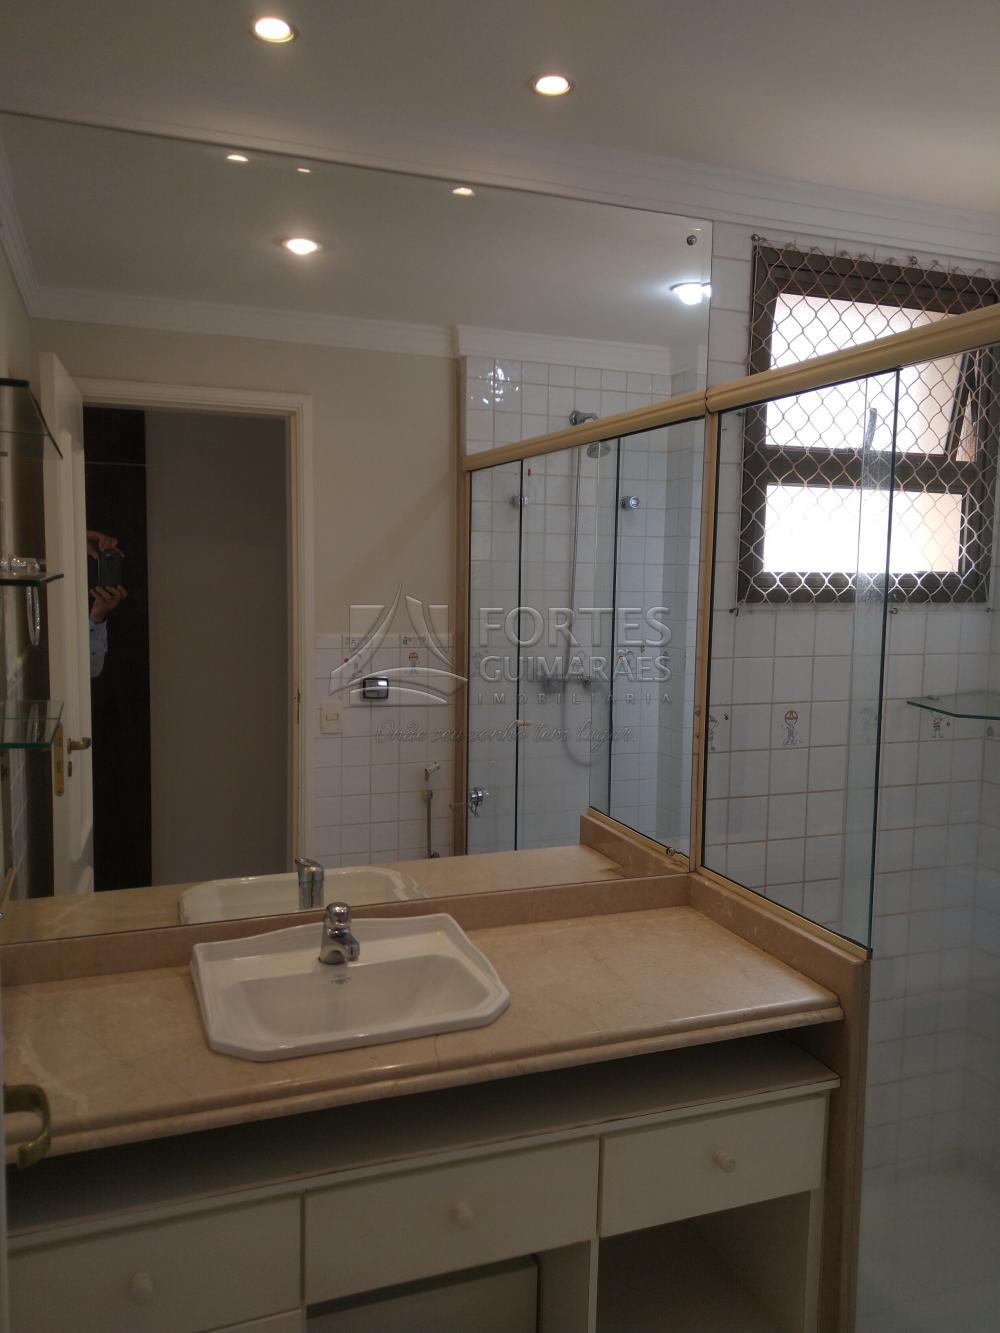 Alugar Apartamentos / Padrão em Ribeirão Preto apenas R$ 3.000,00 - Foto 35